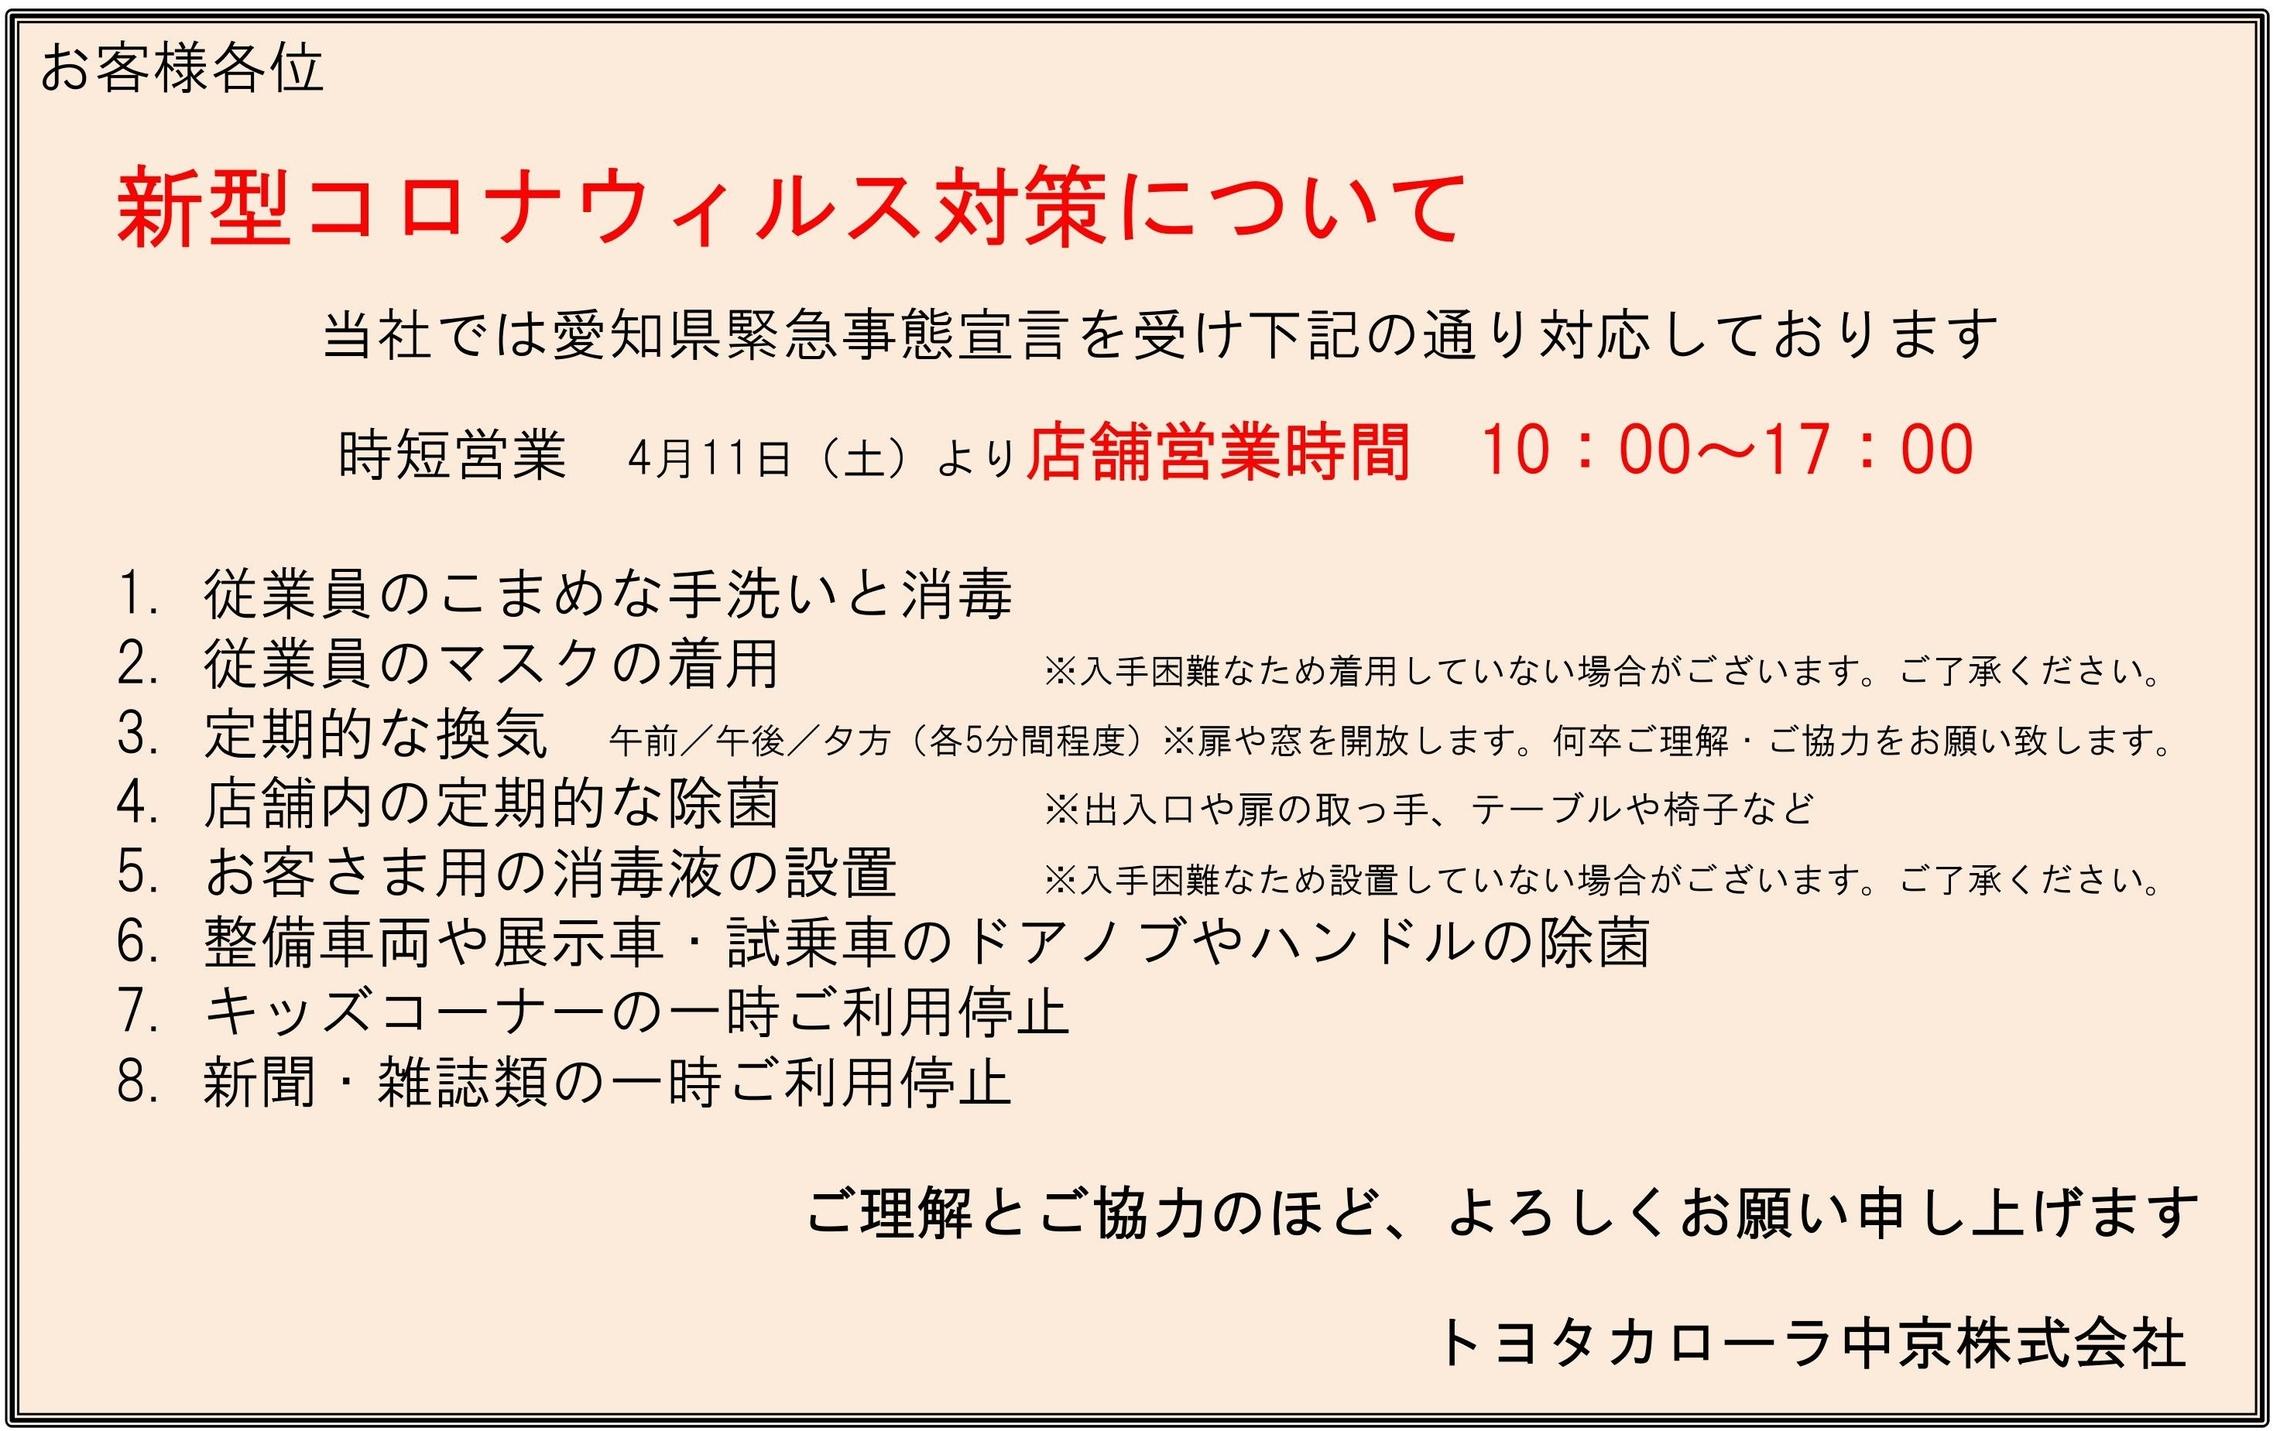 事態 トヨタ 愛知 県 緊急 宣言